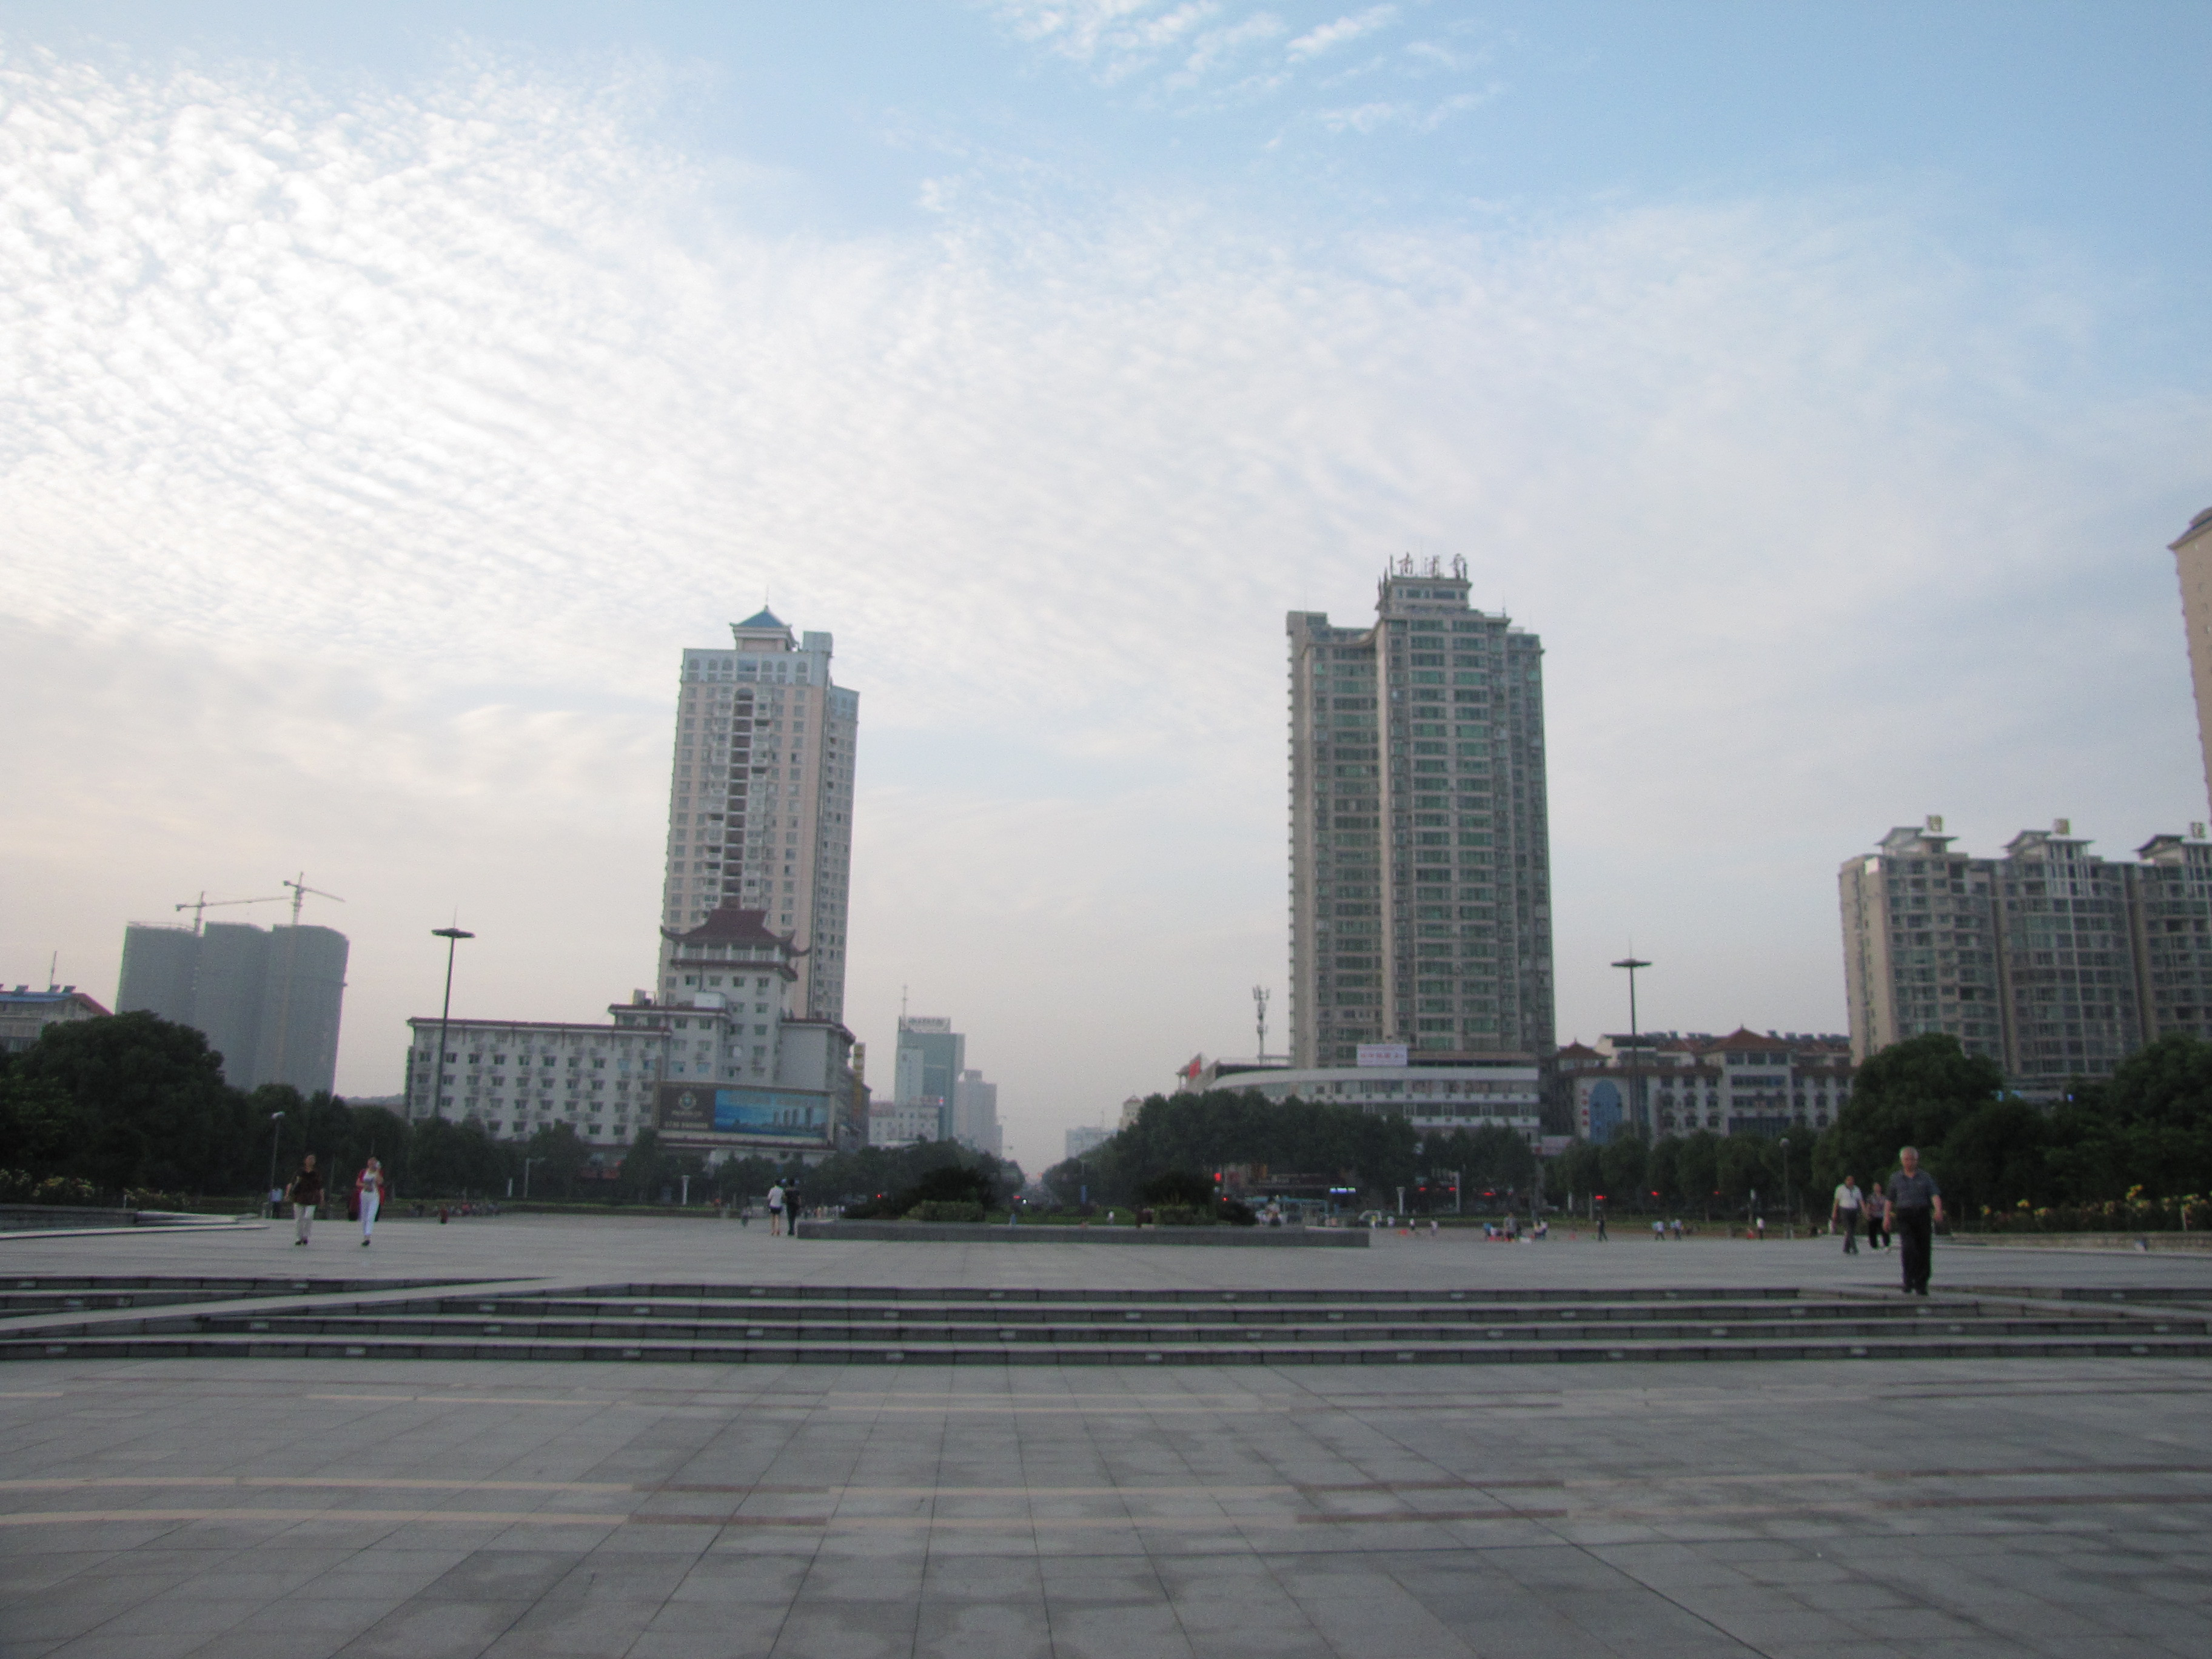 湖南岳阳市是一座三面环水的美丽城市